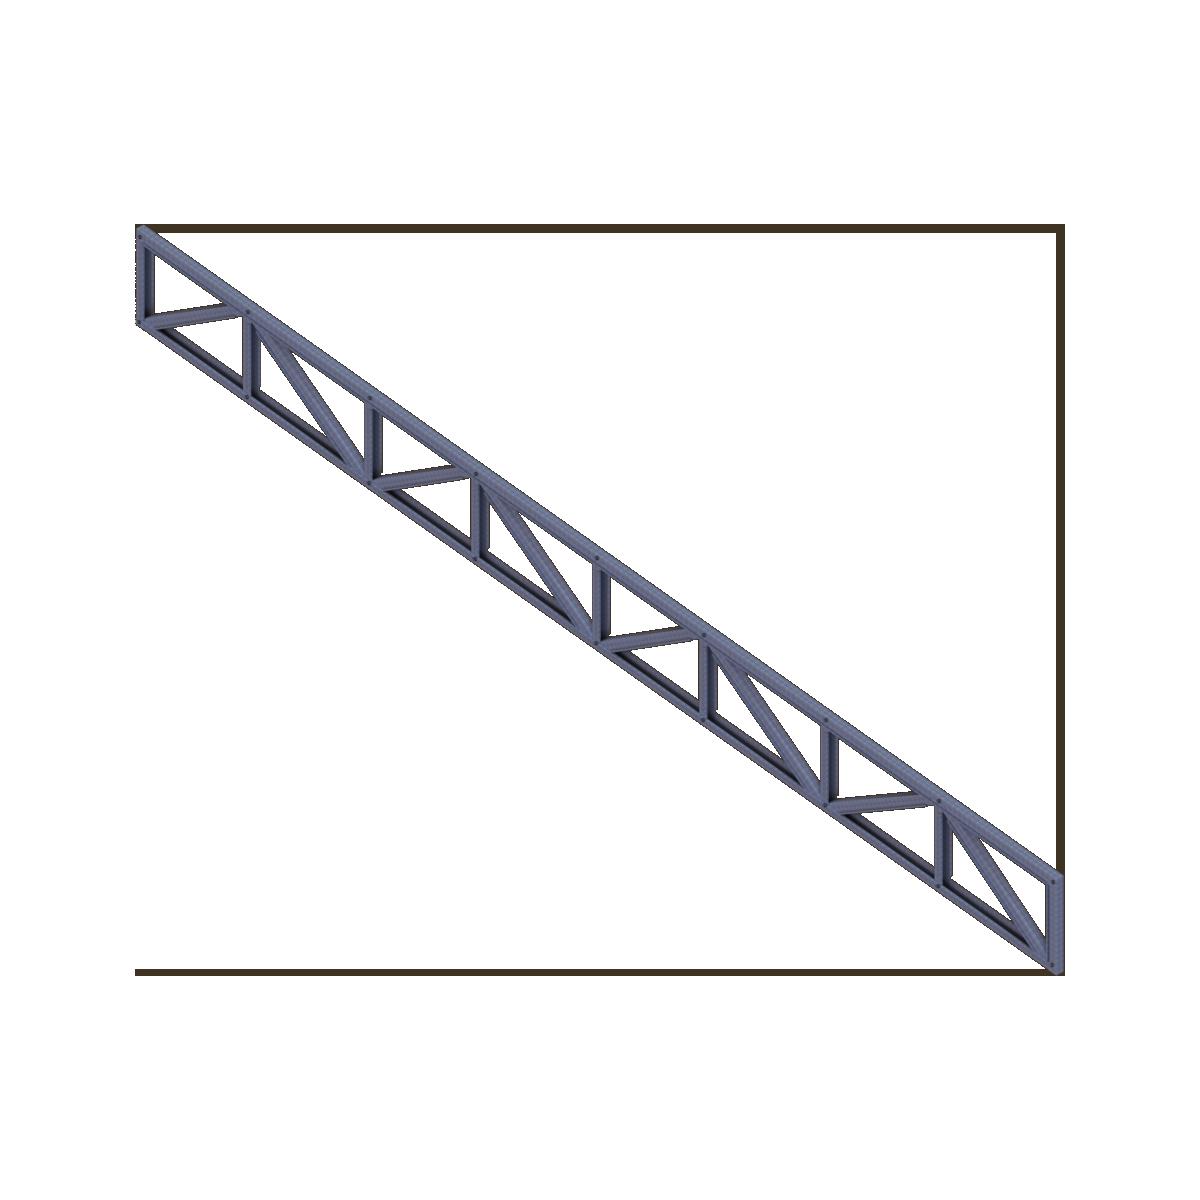 Viga Reticulada Prefabricada de Acero de Tecnopanel en BIM